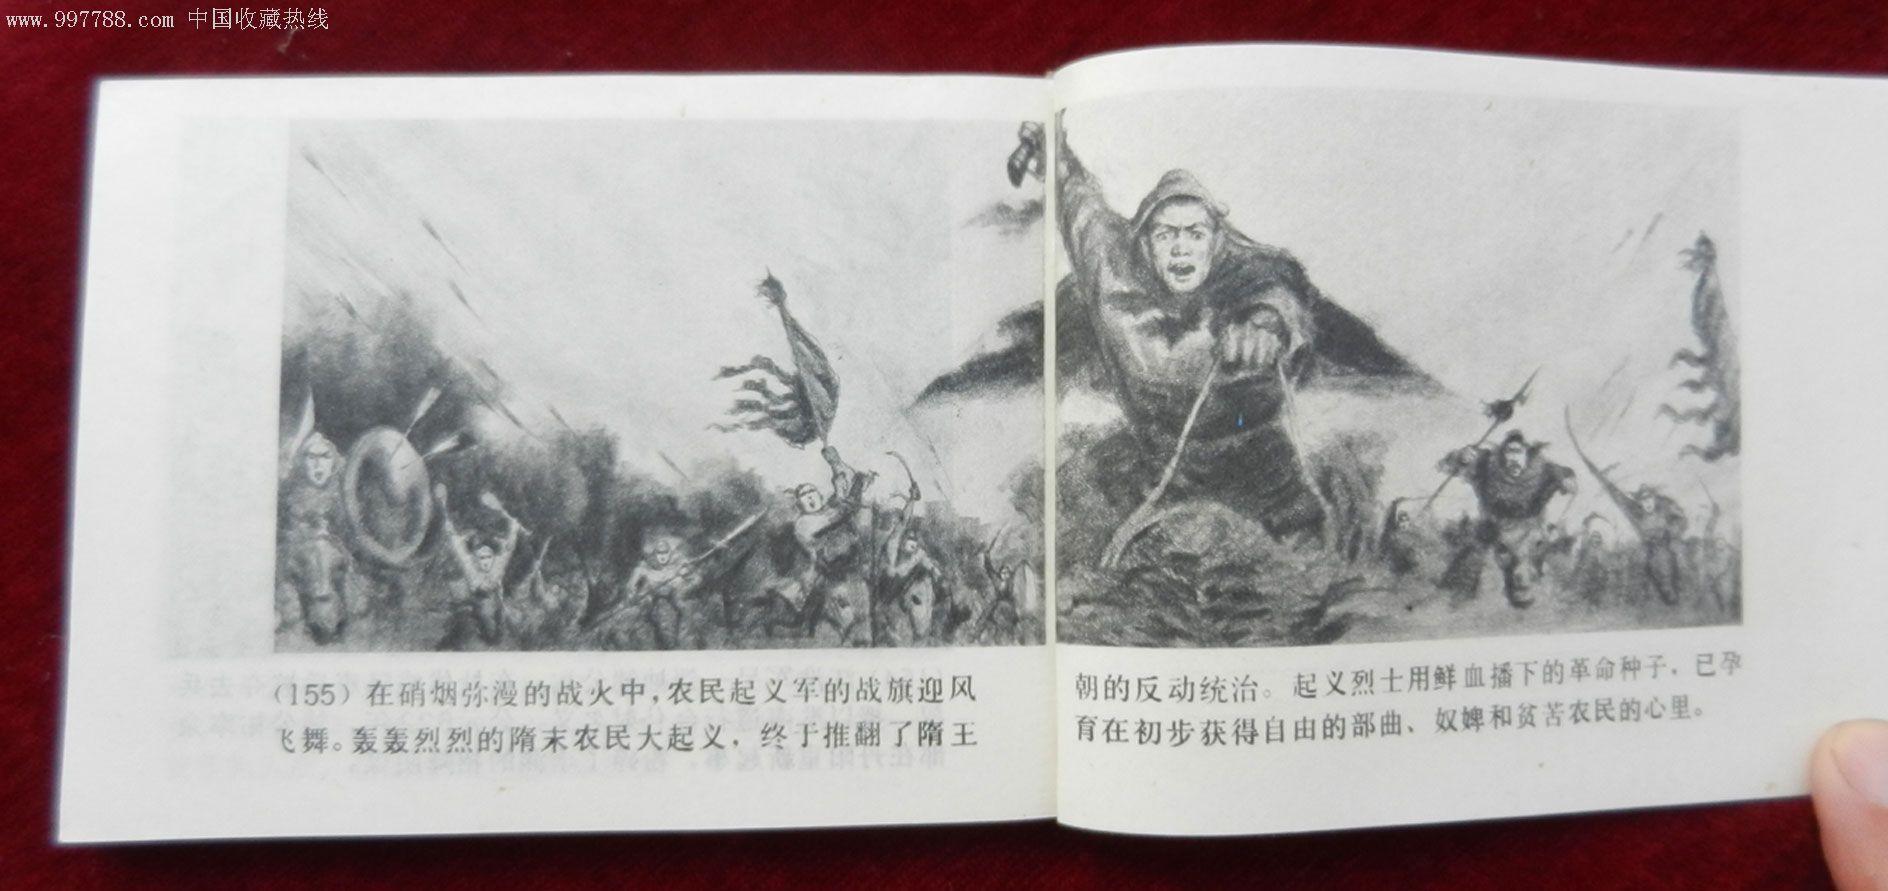 隋末农民起义(素描画)图片